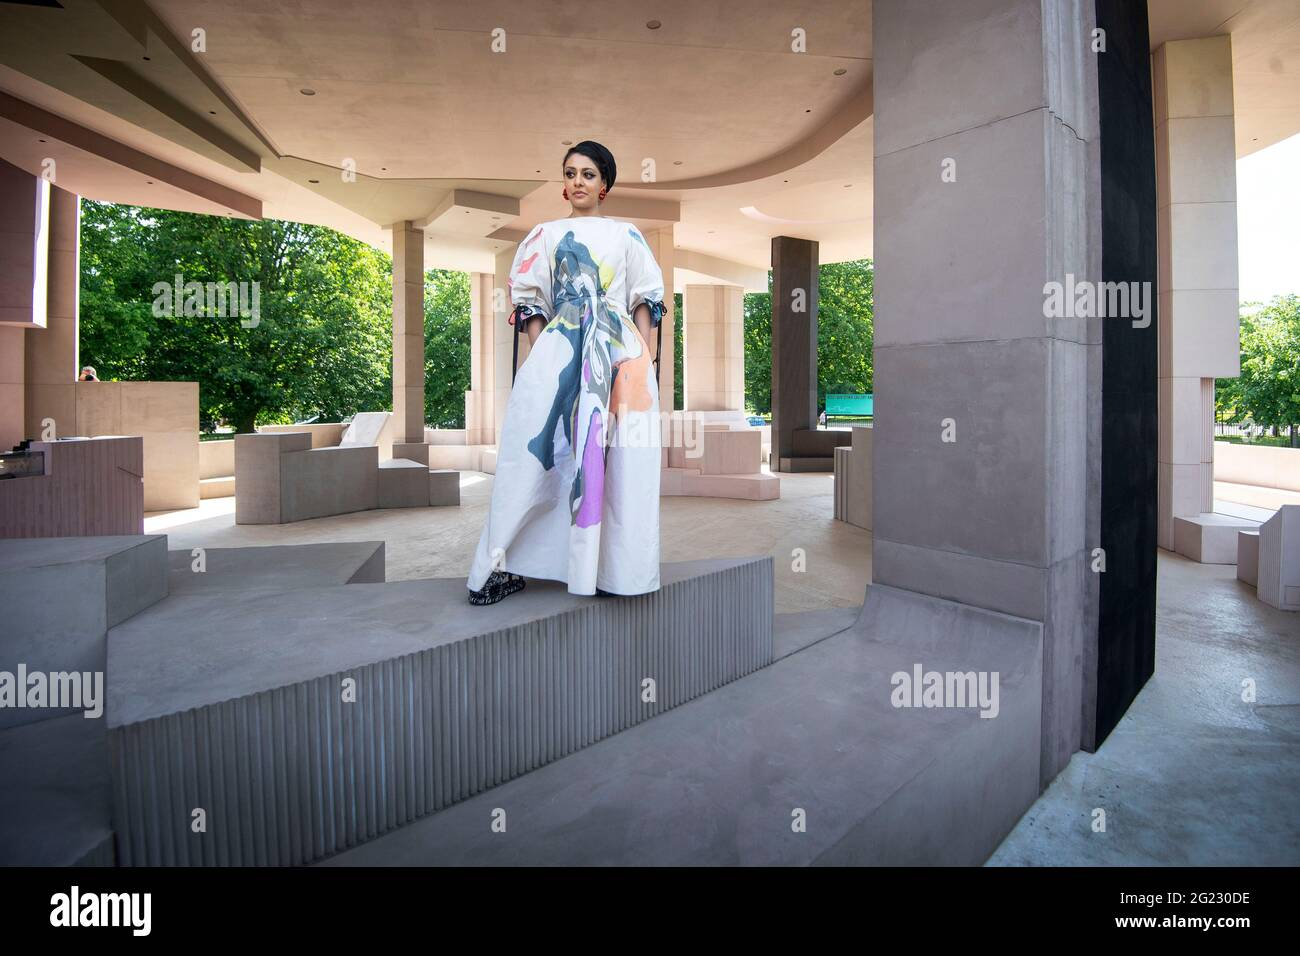 L'architetto Sumayya Vally durante un'anteprima stampa per il Padiglione Serpentine 2021, progettato da Practice Counterspace di Johannesburg, presso la Serpentine Gallery di Londra. Data immagine: Martedì 8 giugno 2021. Foto Stock